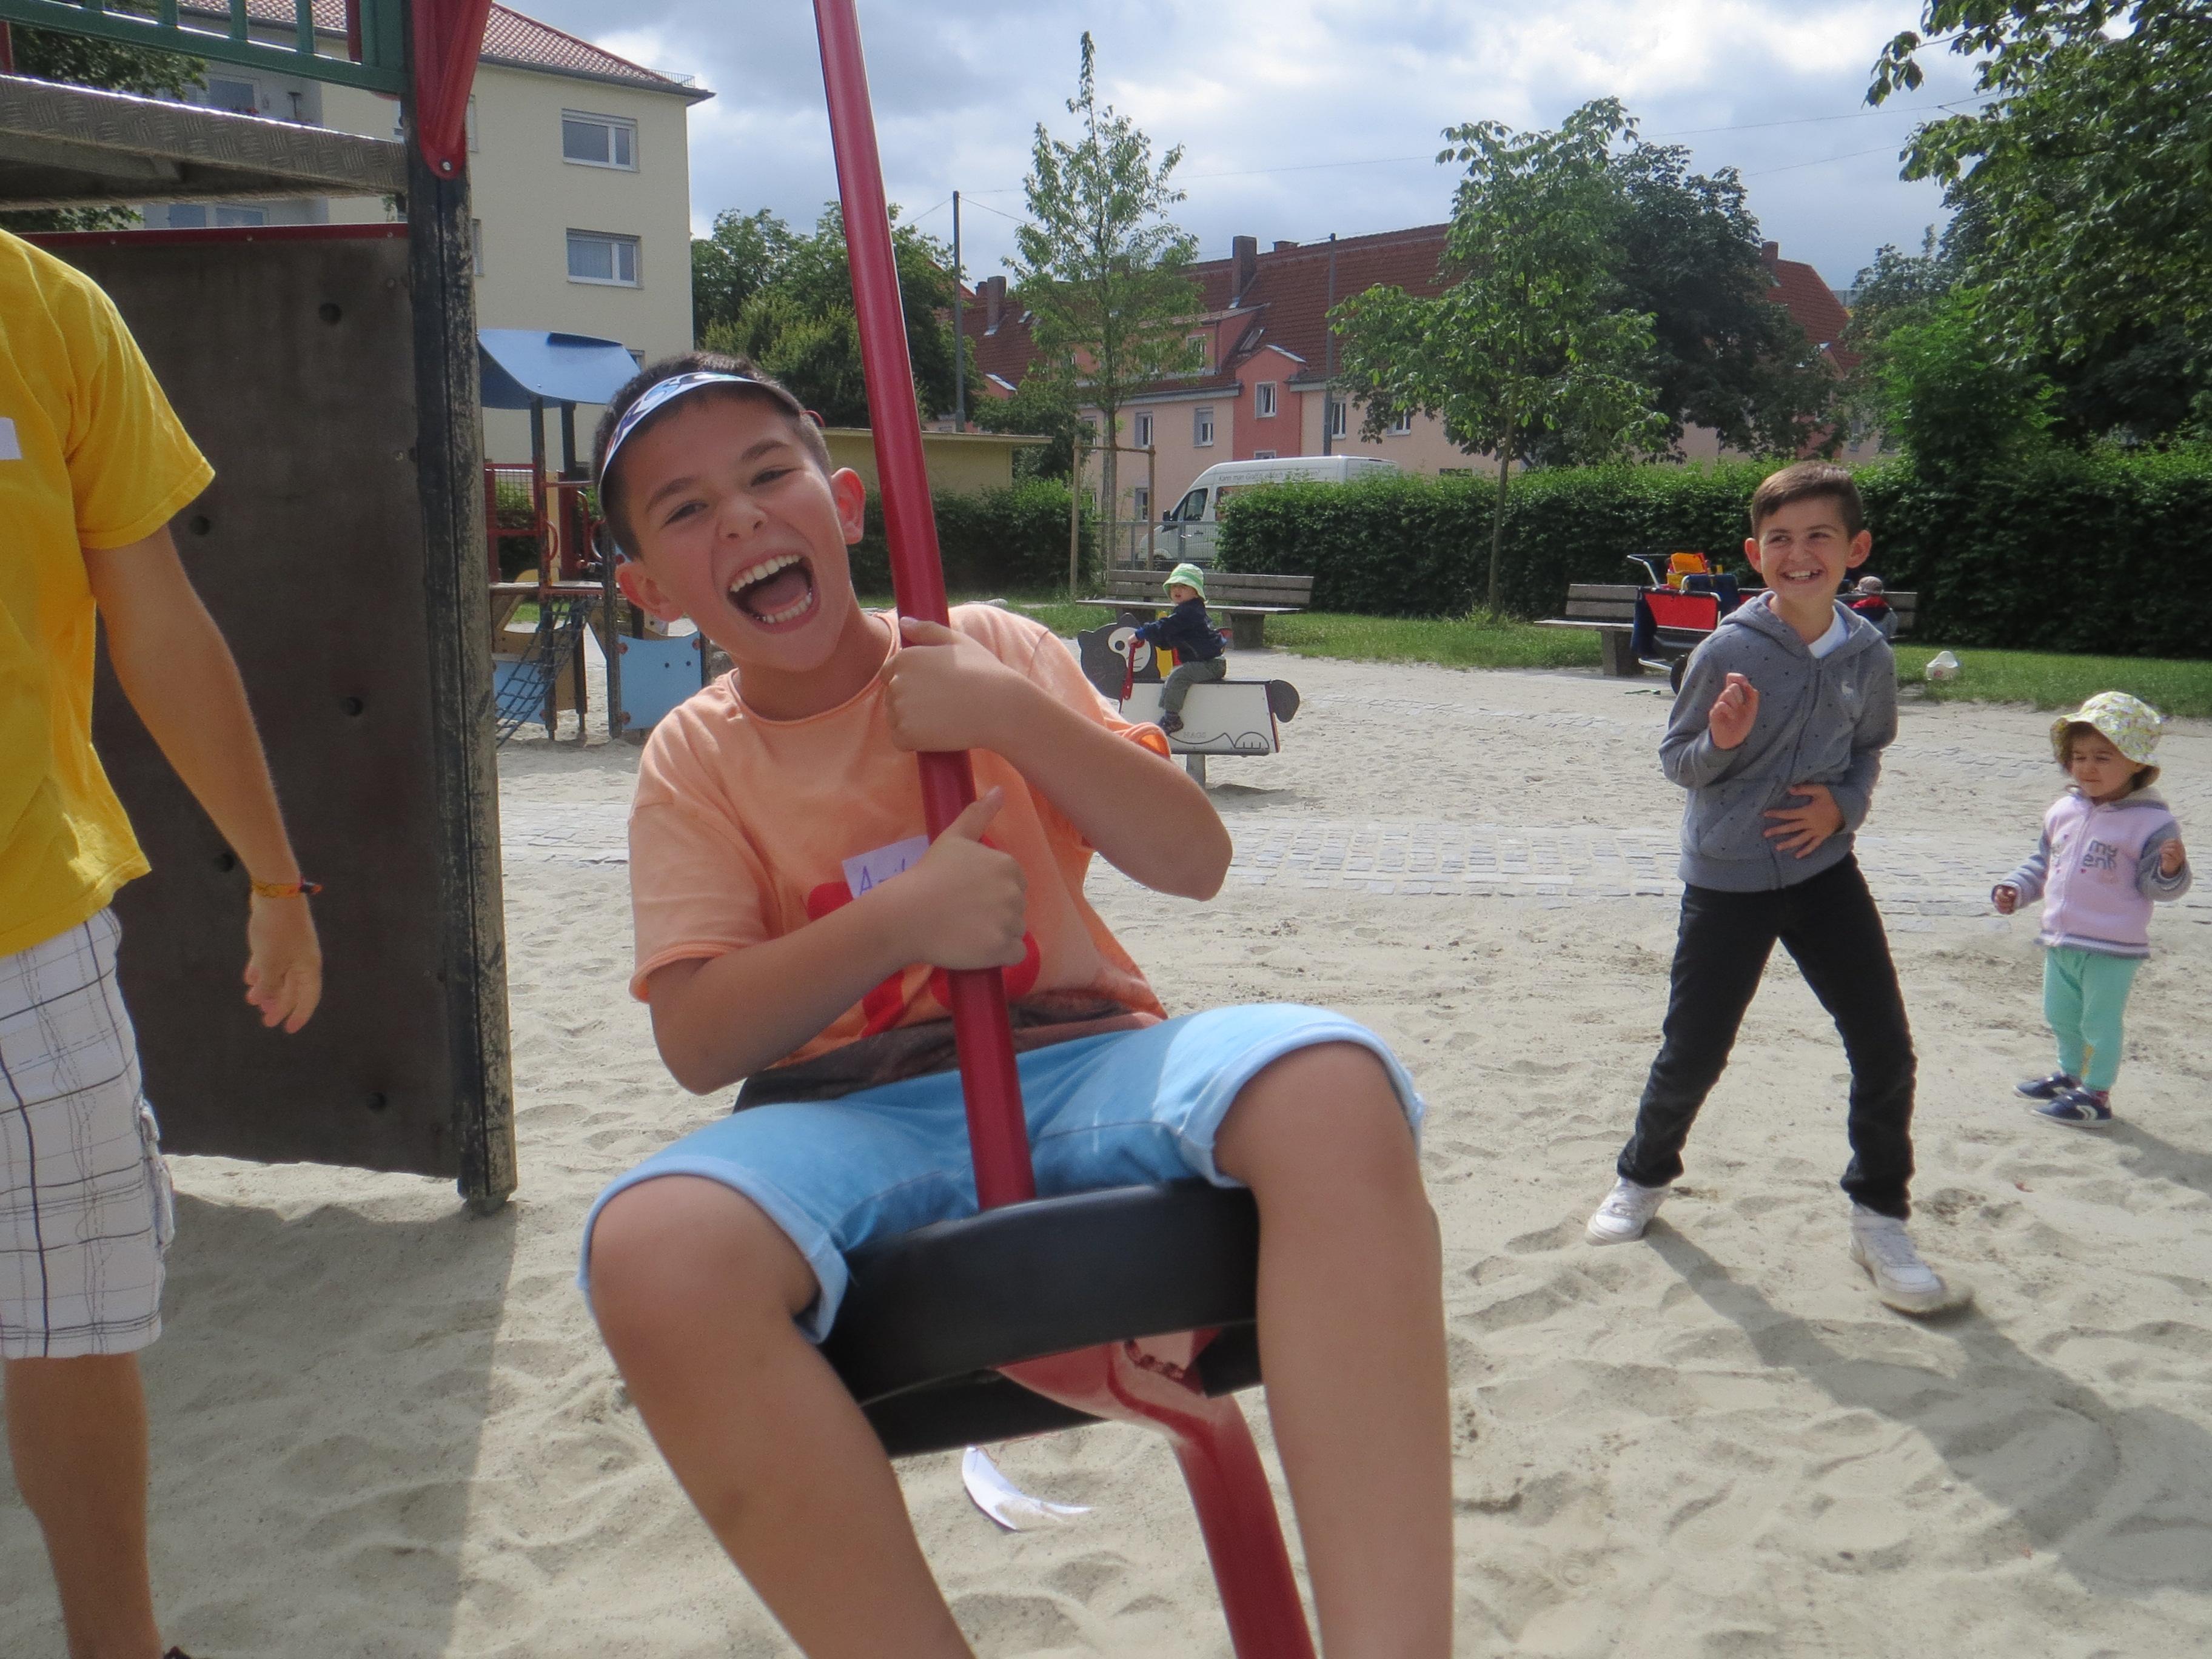 Spielplatz_Eichendorfplatz_KB,MIR_Aril